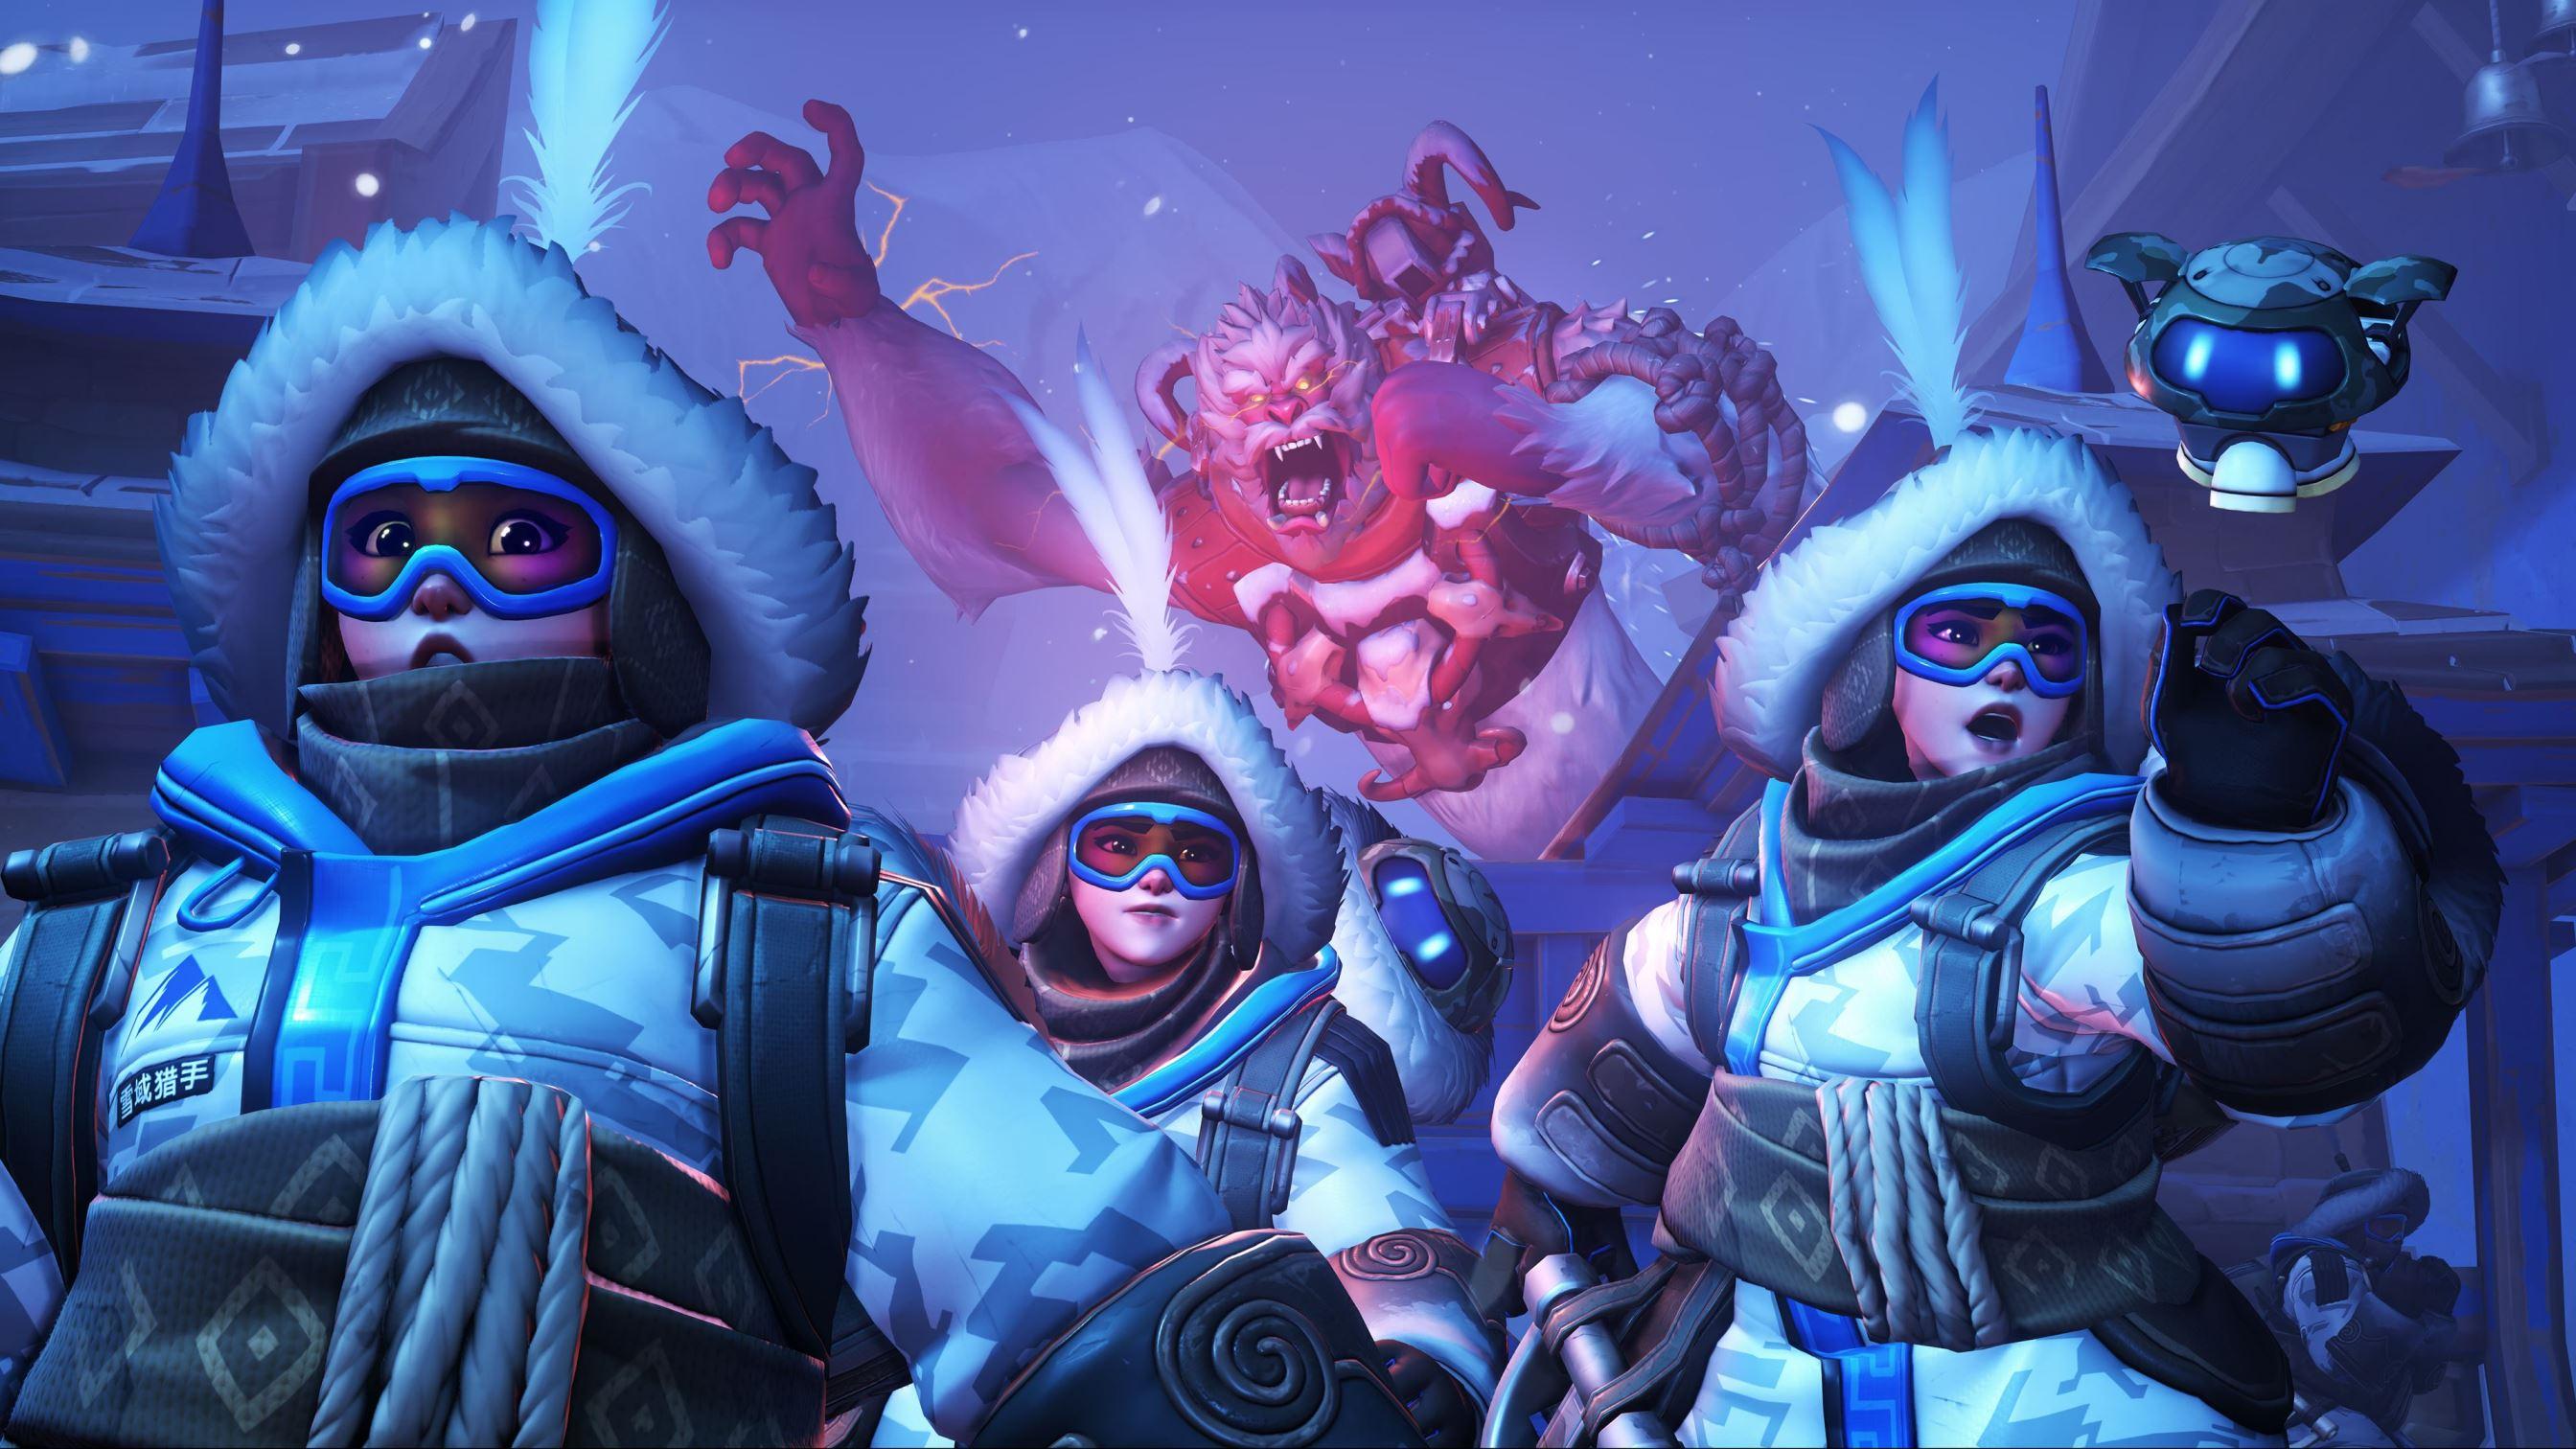 Overwatch, Yeti Hunt, Winter Veil, Winter Wonderland, Blizzard Entertainment